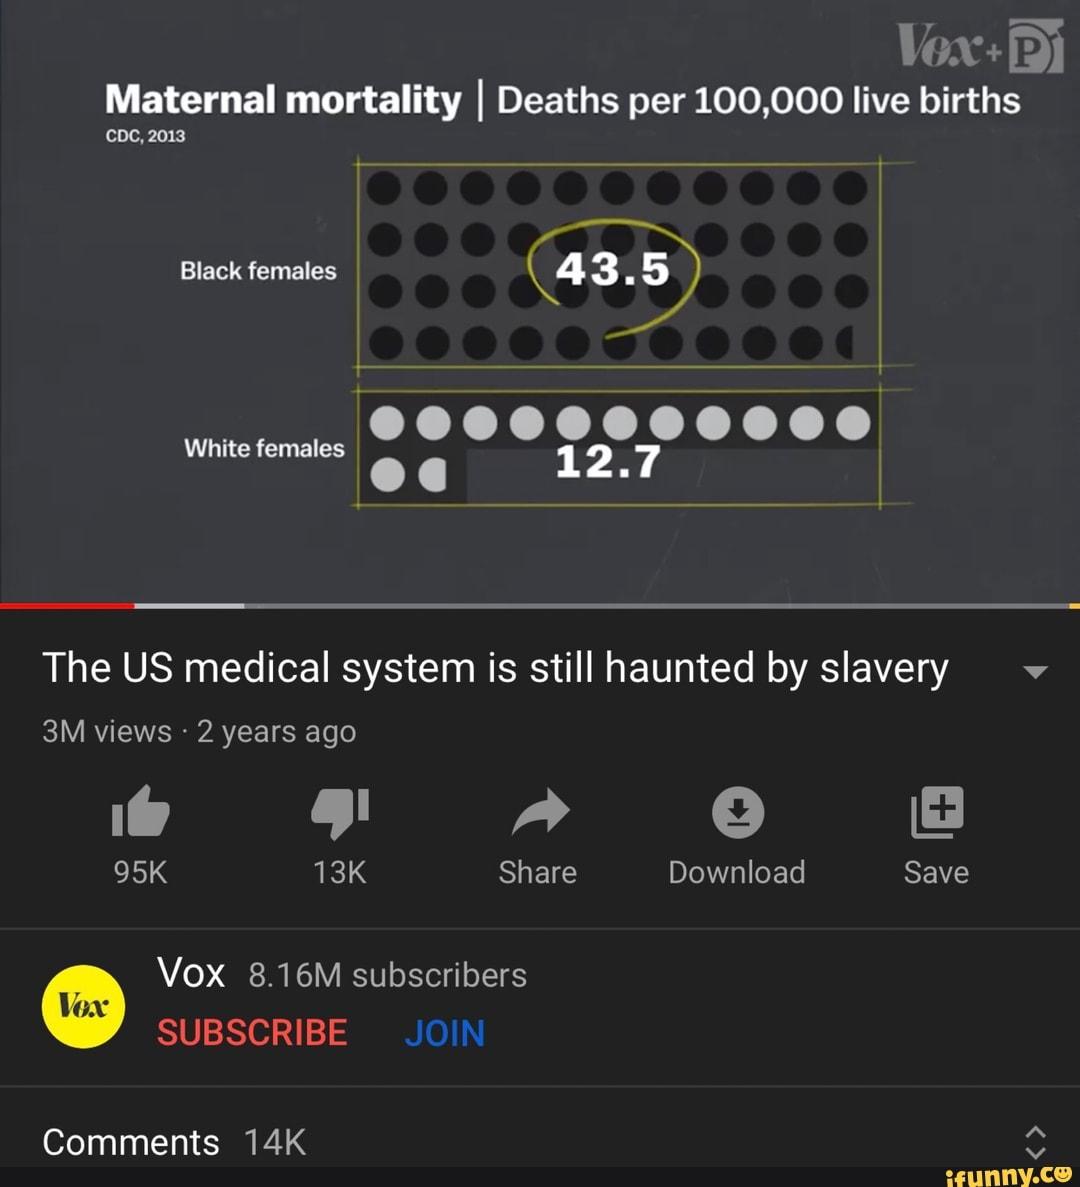 Vox: Di Maternal mortality I Deaths per 100,000 live ...